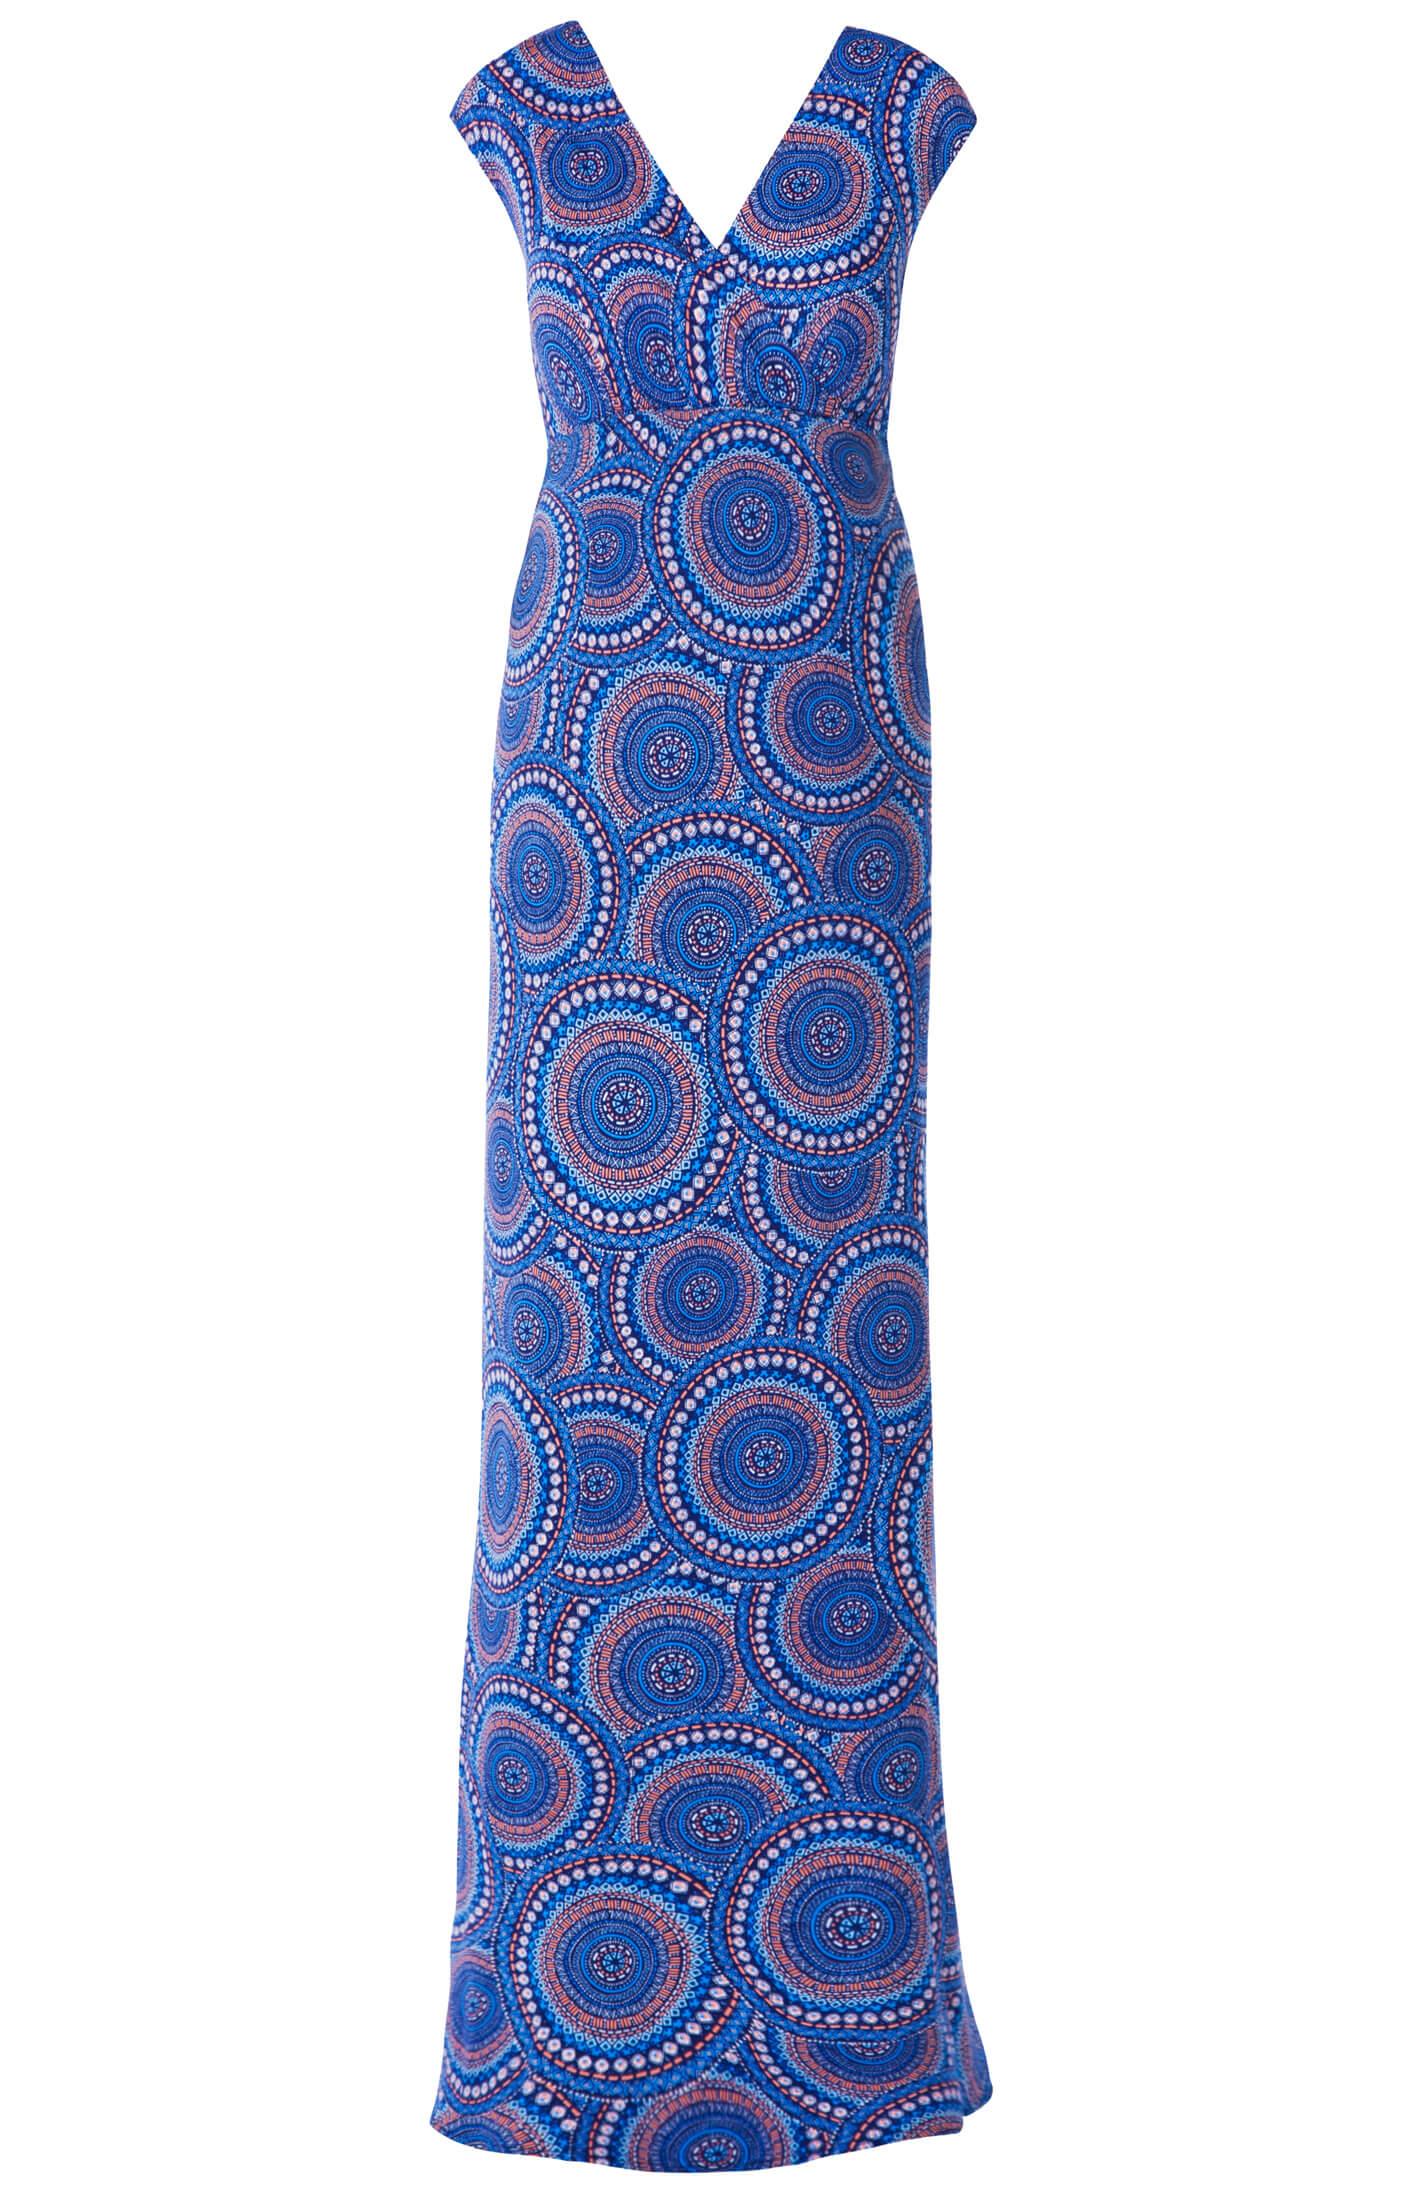 Aztec rose maxi dress